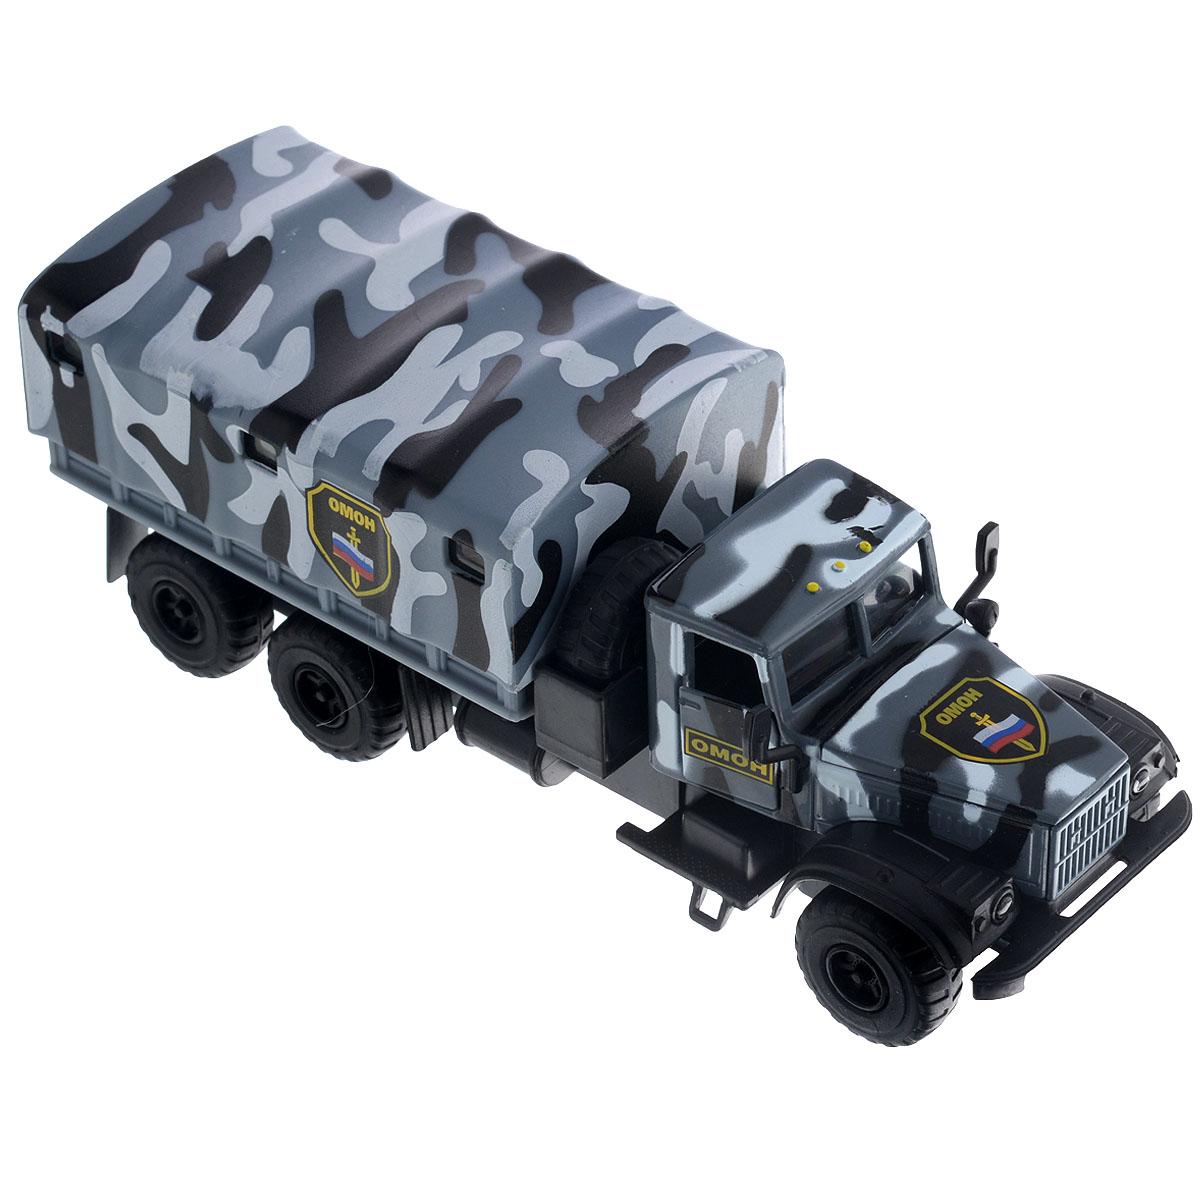 """Машинка ТехноПарк """"Краз 255: ОМОН"""", выполненная из безопасного пластика в виде машины ОМОНа, станет любимой игрушкой вашего малыша. У машины открываются двери кабины, капот и снимается тент. При нажатии кнопки, расположенной на корпусе кабины, начинают светиться фары под голос инспектора, сообщающего о необходимости снижения скорости. Игрушка оснащена инерционным ходом. Машинку необходимо отвести назад, затем отпустить - и она быстро поедет вперед. Прорезиненные колеса обеспечивают надежное сцепление с любой поверхностью пола. Ваш ребенок будет часами играть с этой машинкой, придумывая различные истории. Порадуйте его таким замечательным подарком! Игрушка работает от батареек (товар комплектуется демонстрационными)."""